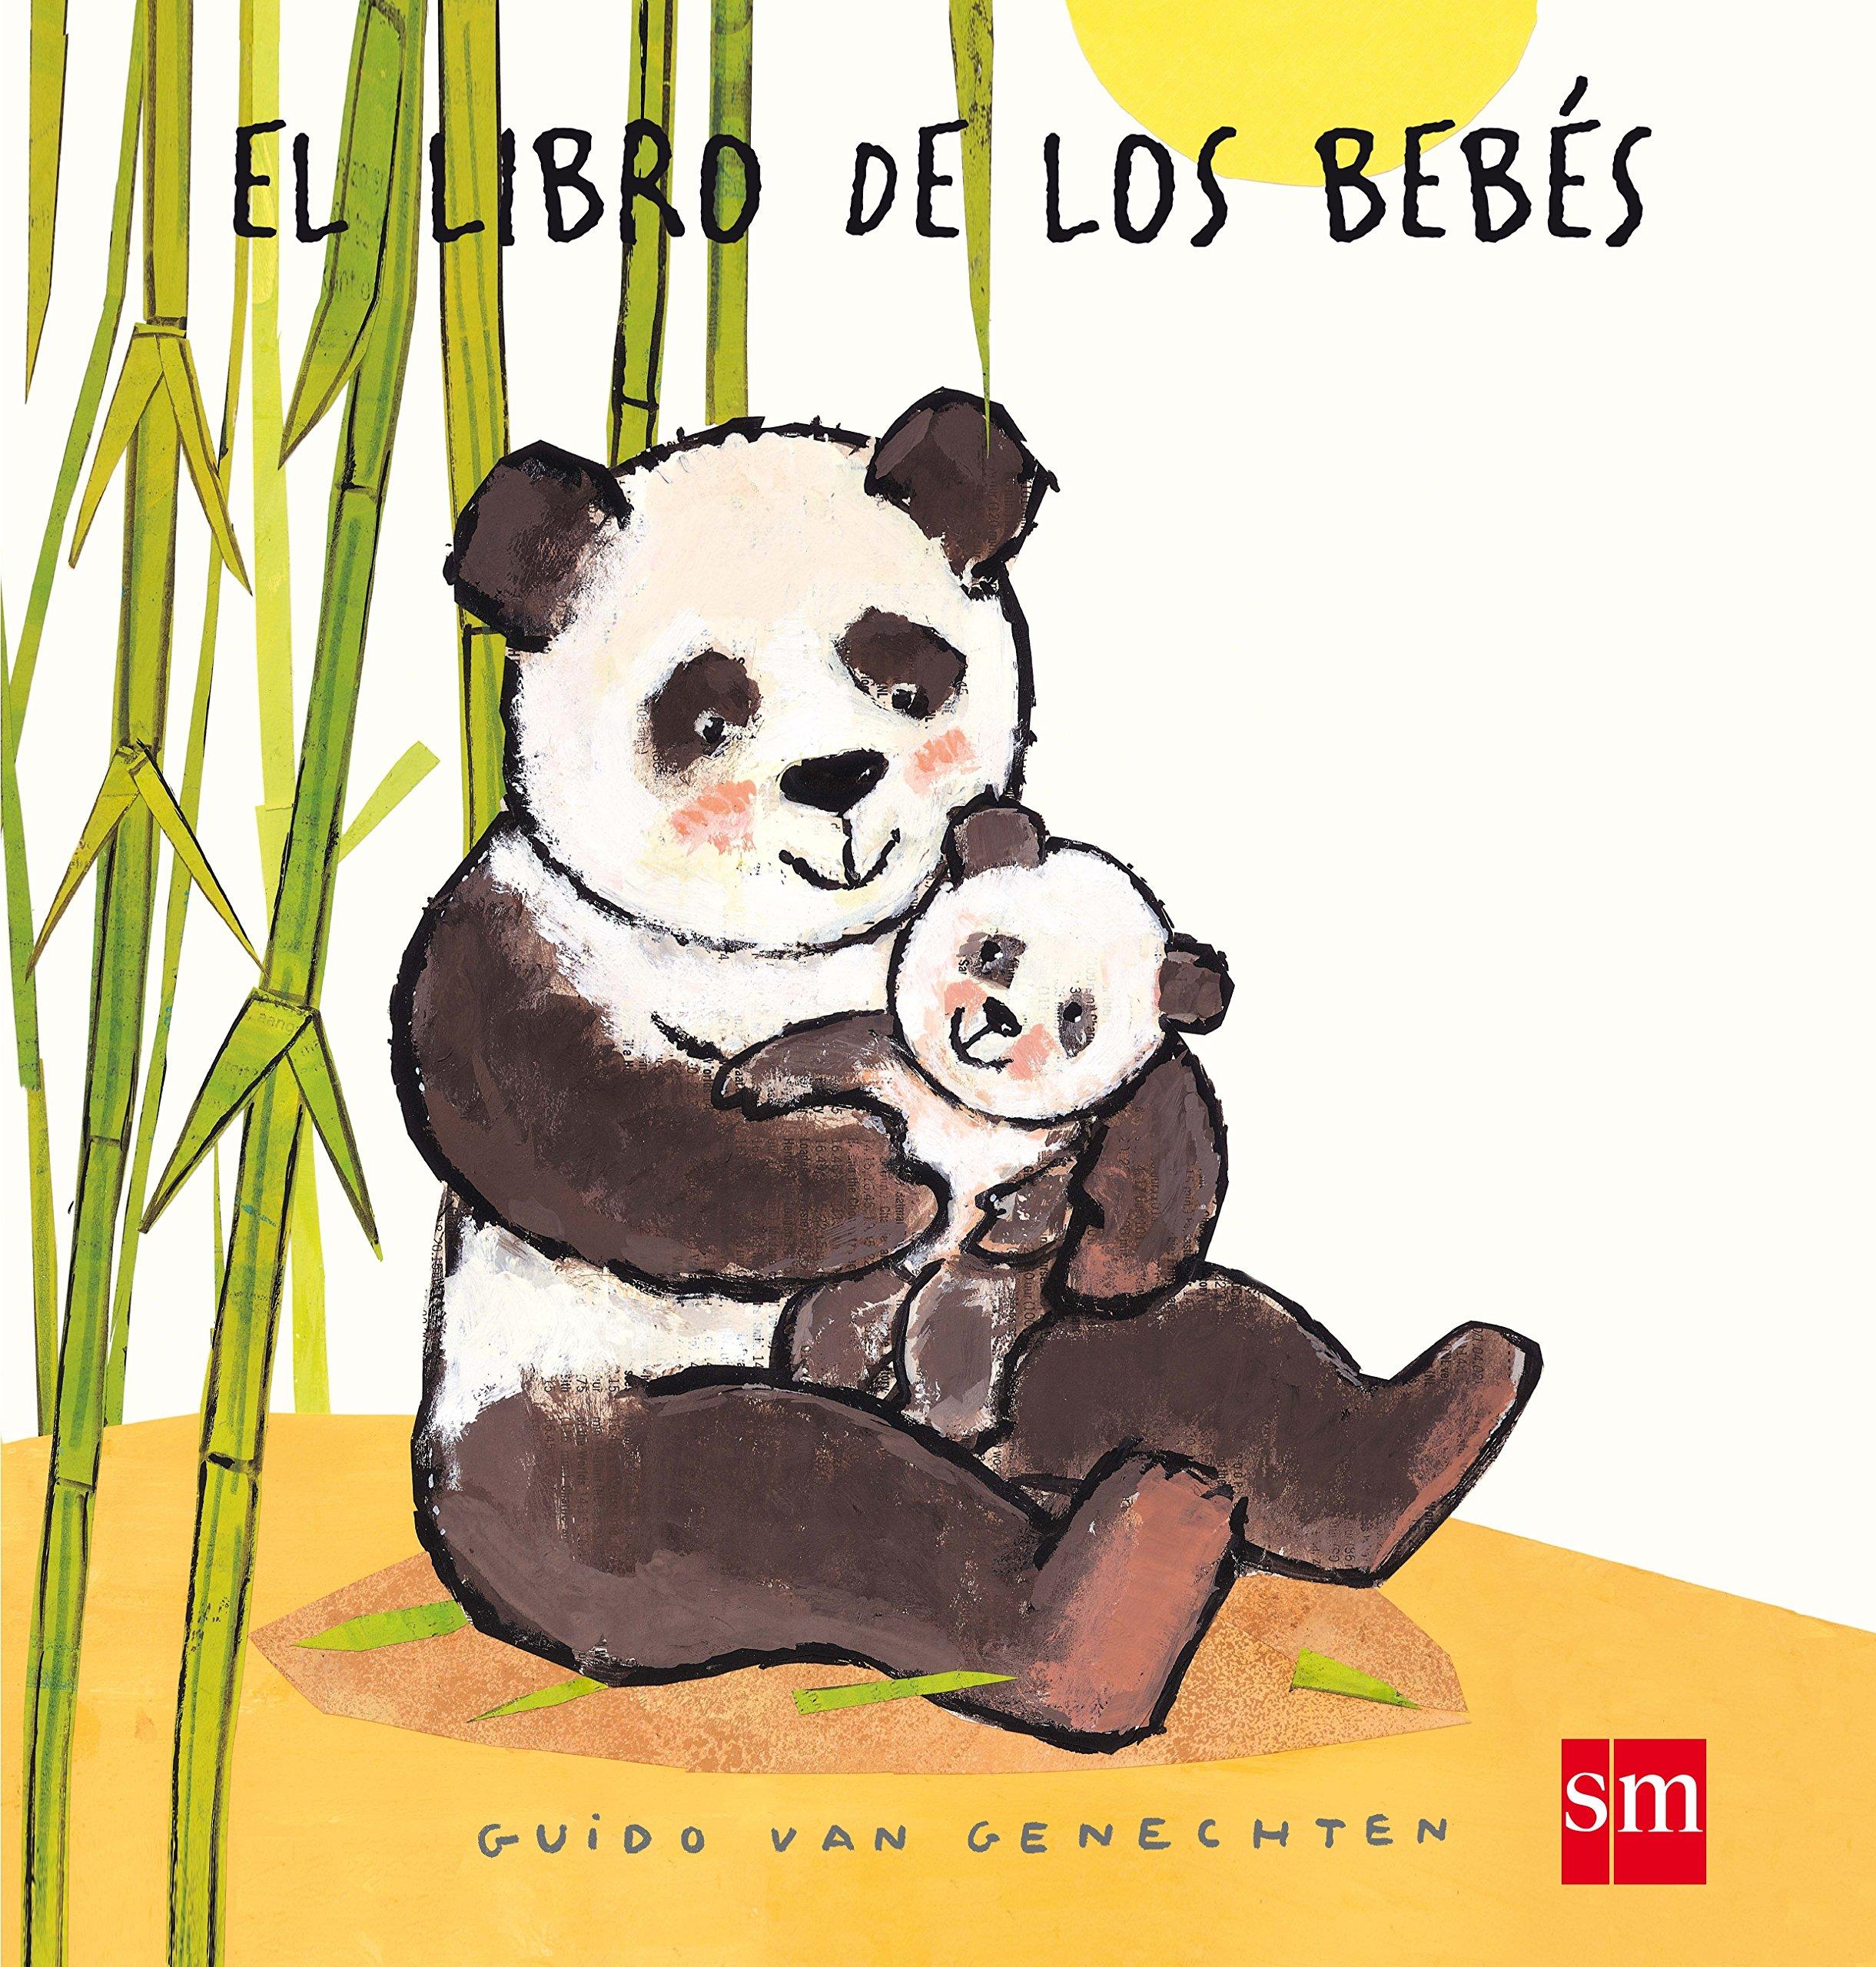 El libro de los bebés (Libros de cartón): Amazon.es: Guido van Genechten,  Teresa Tellechea: Libros